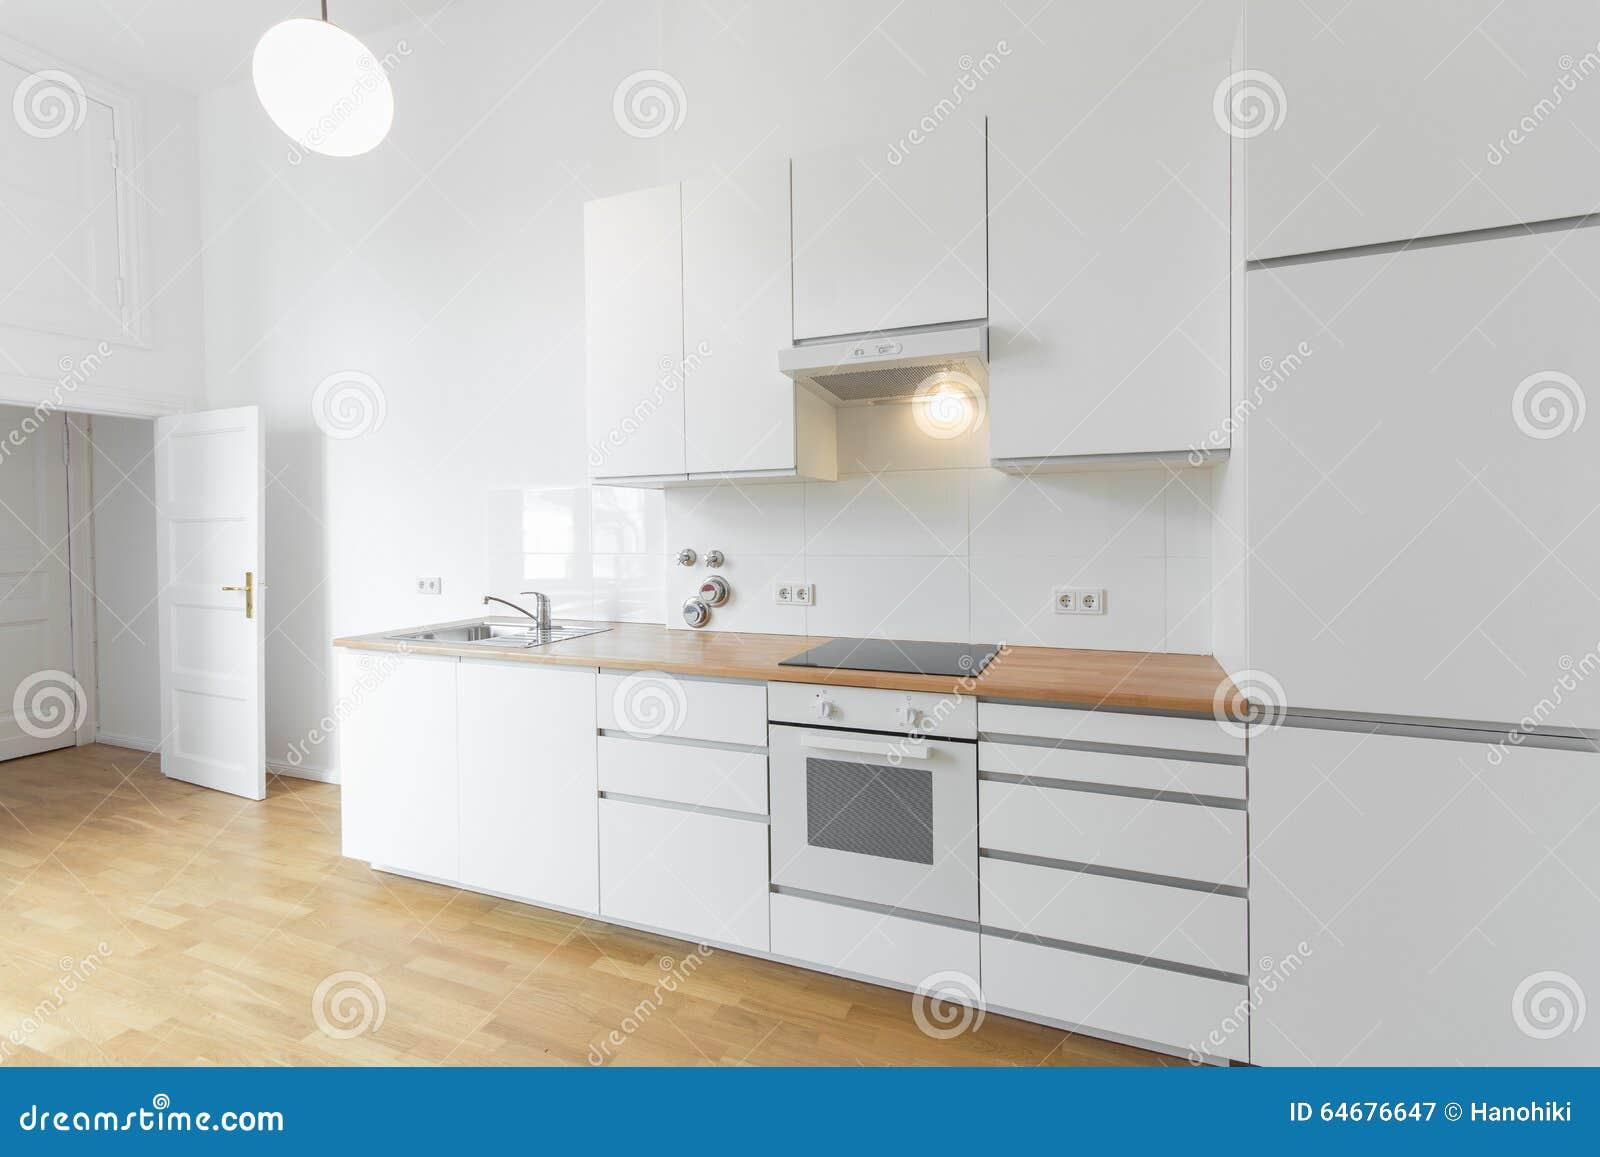 Witte Keuken Beige Vloer : Witte Keuken, Verse Vernieuwde Vlakte Met Houten Vloer